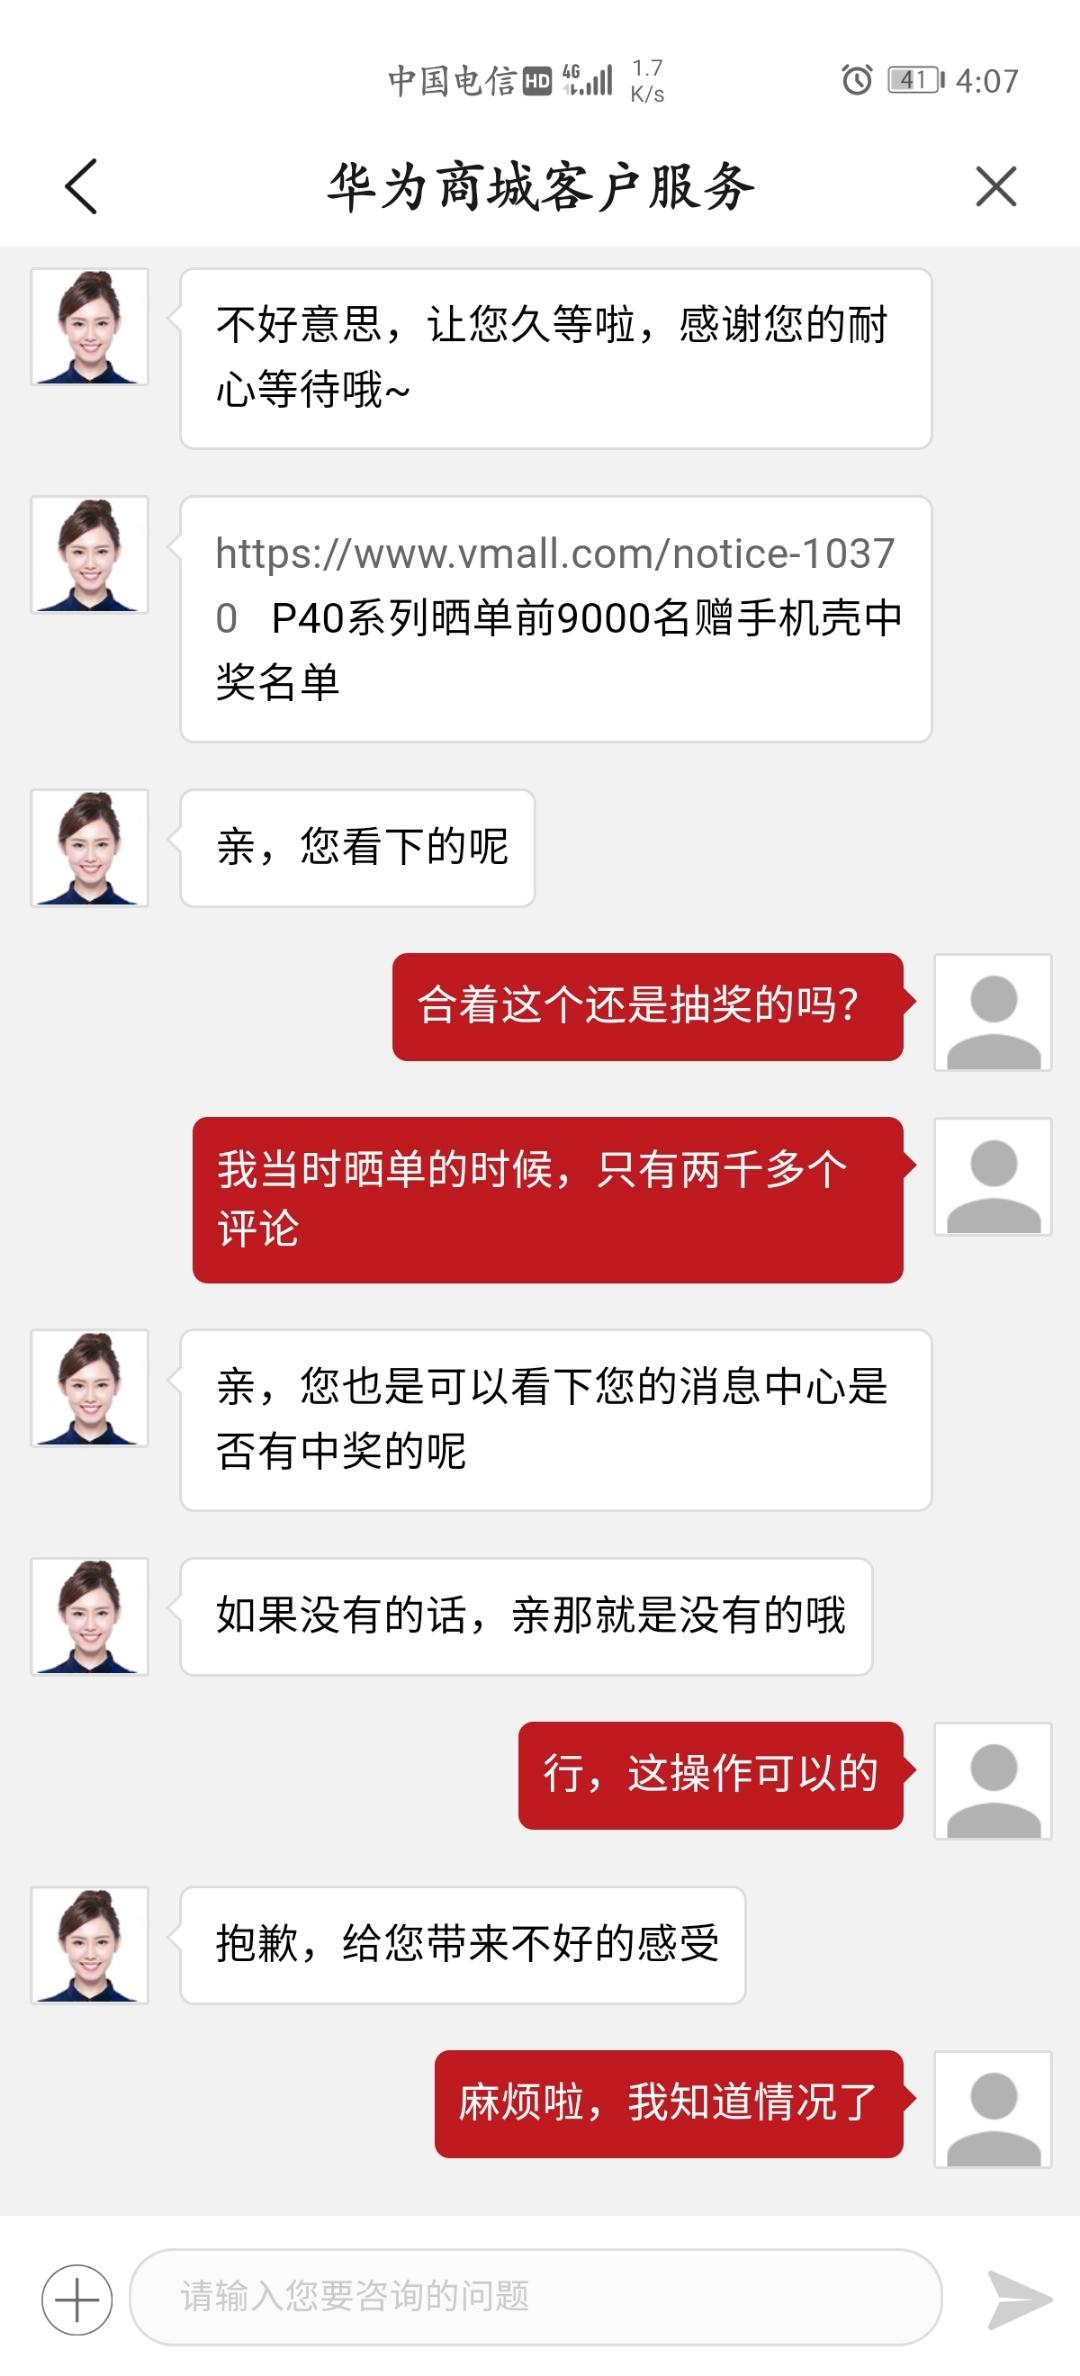 Screenshot_20200510_160734_com.vmall.client.jpg